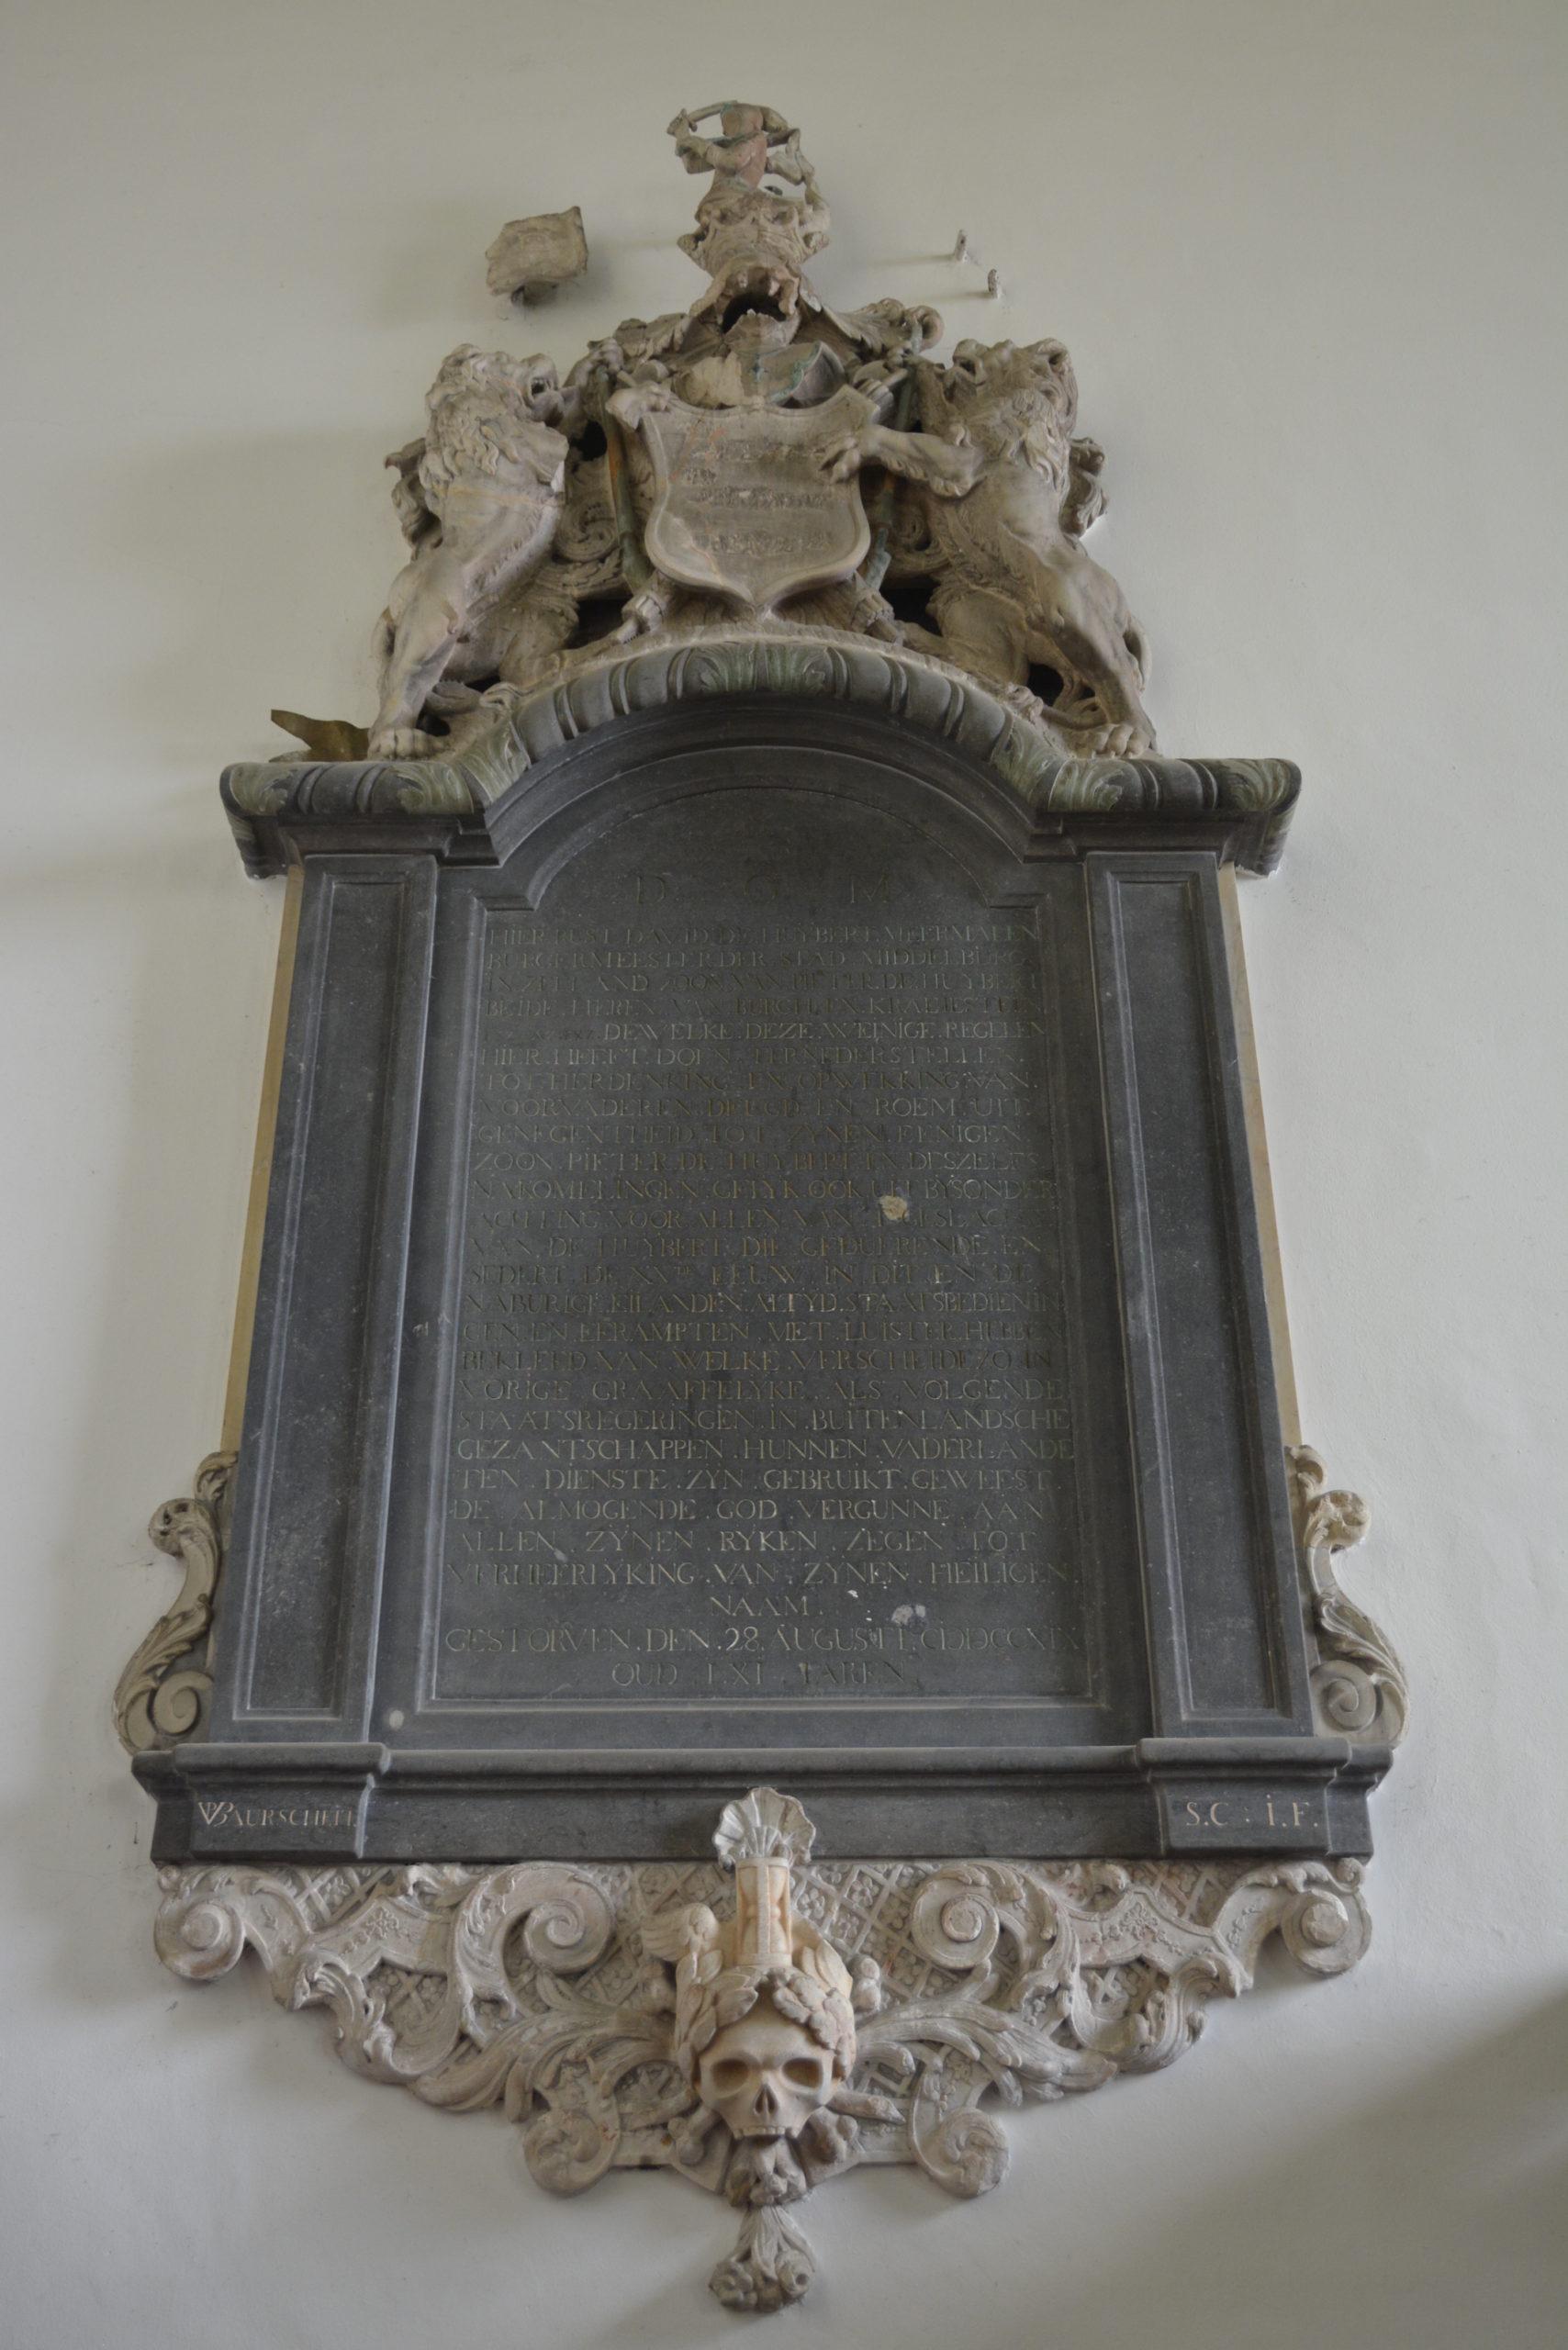 Tweede epitaaf in de kerk van Burgh, vervaardigd door Jan Pieter van Baurscheit de Jonge (foto Dennis de Kool).